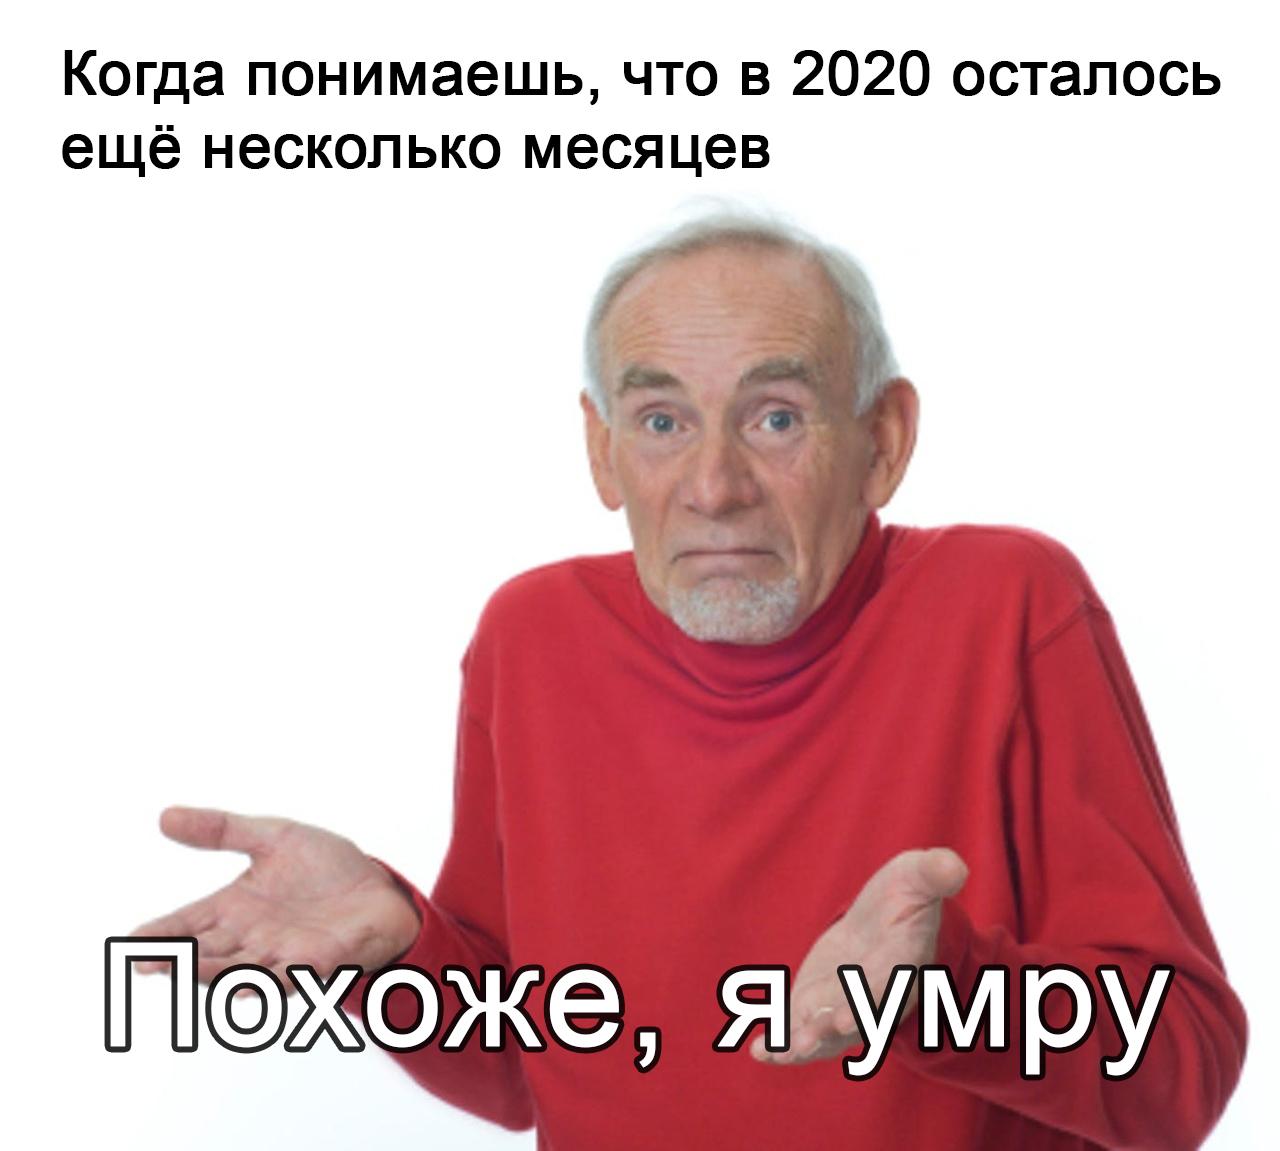 Лучшие мемы уходящего 2020 года - а напоследок улыбнитесь - фото 5